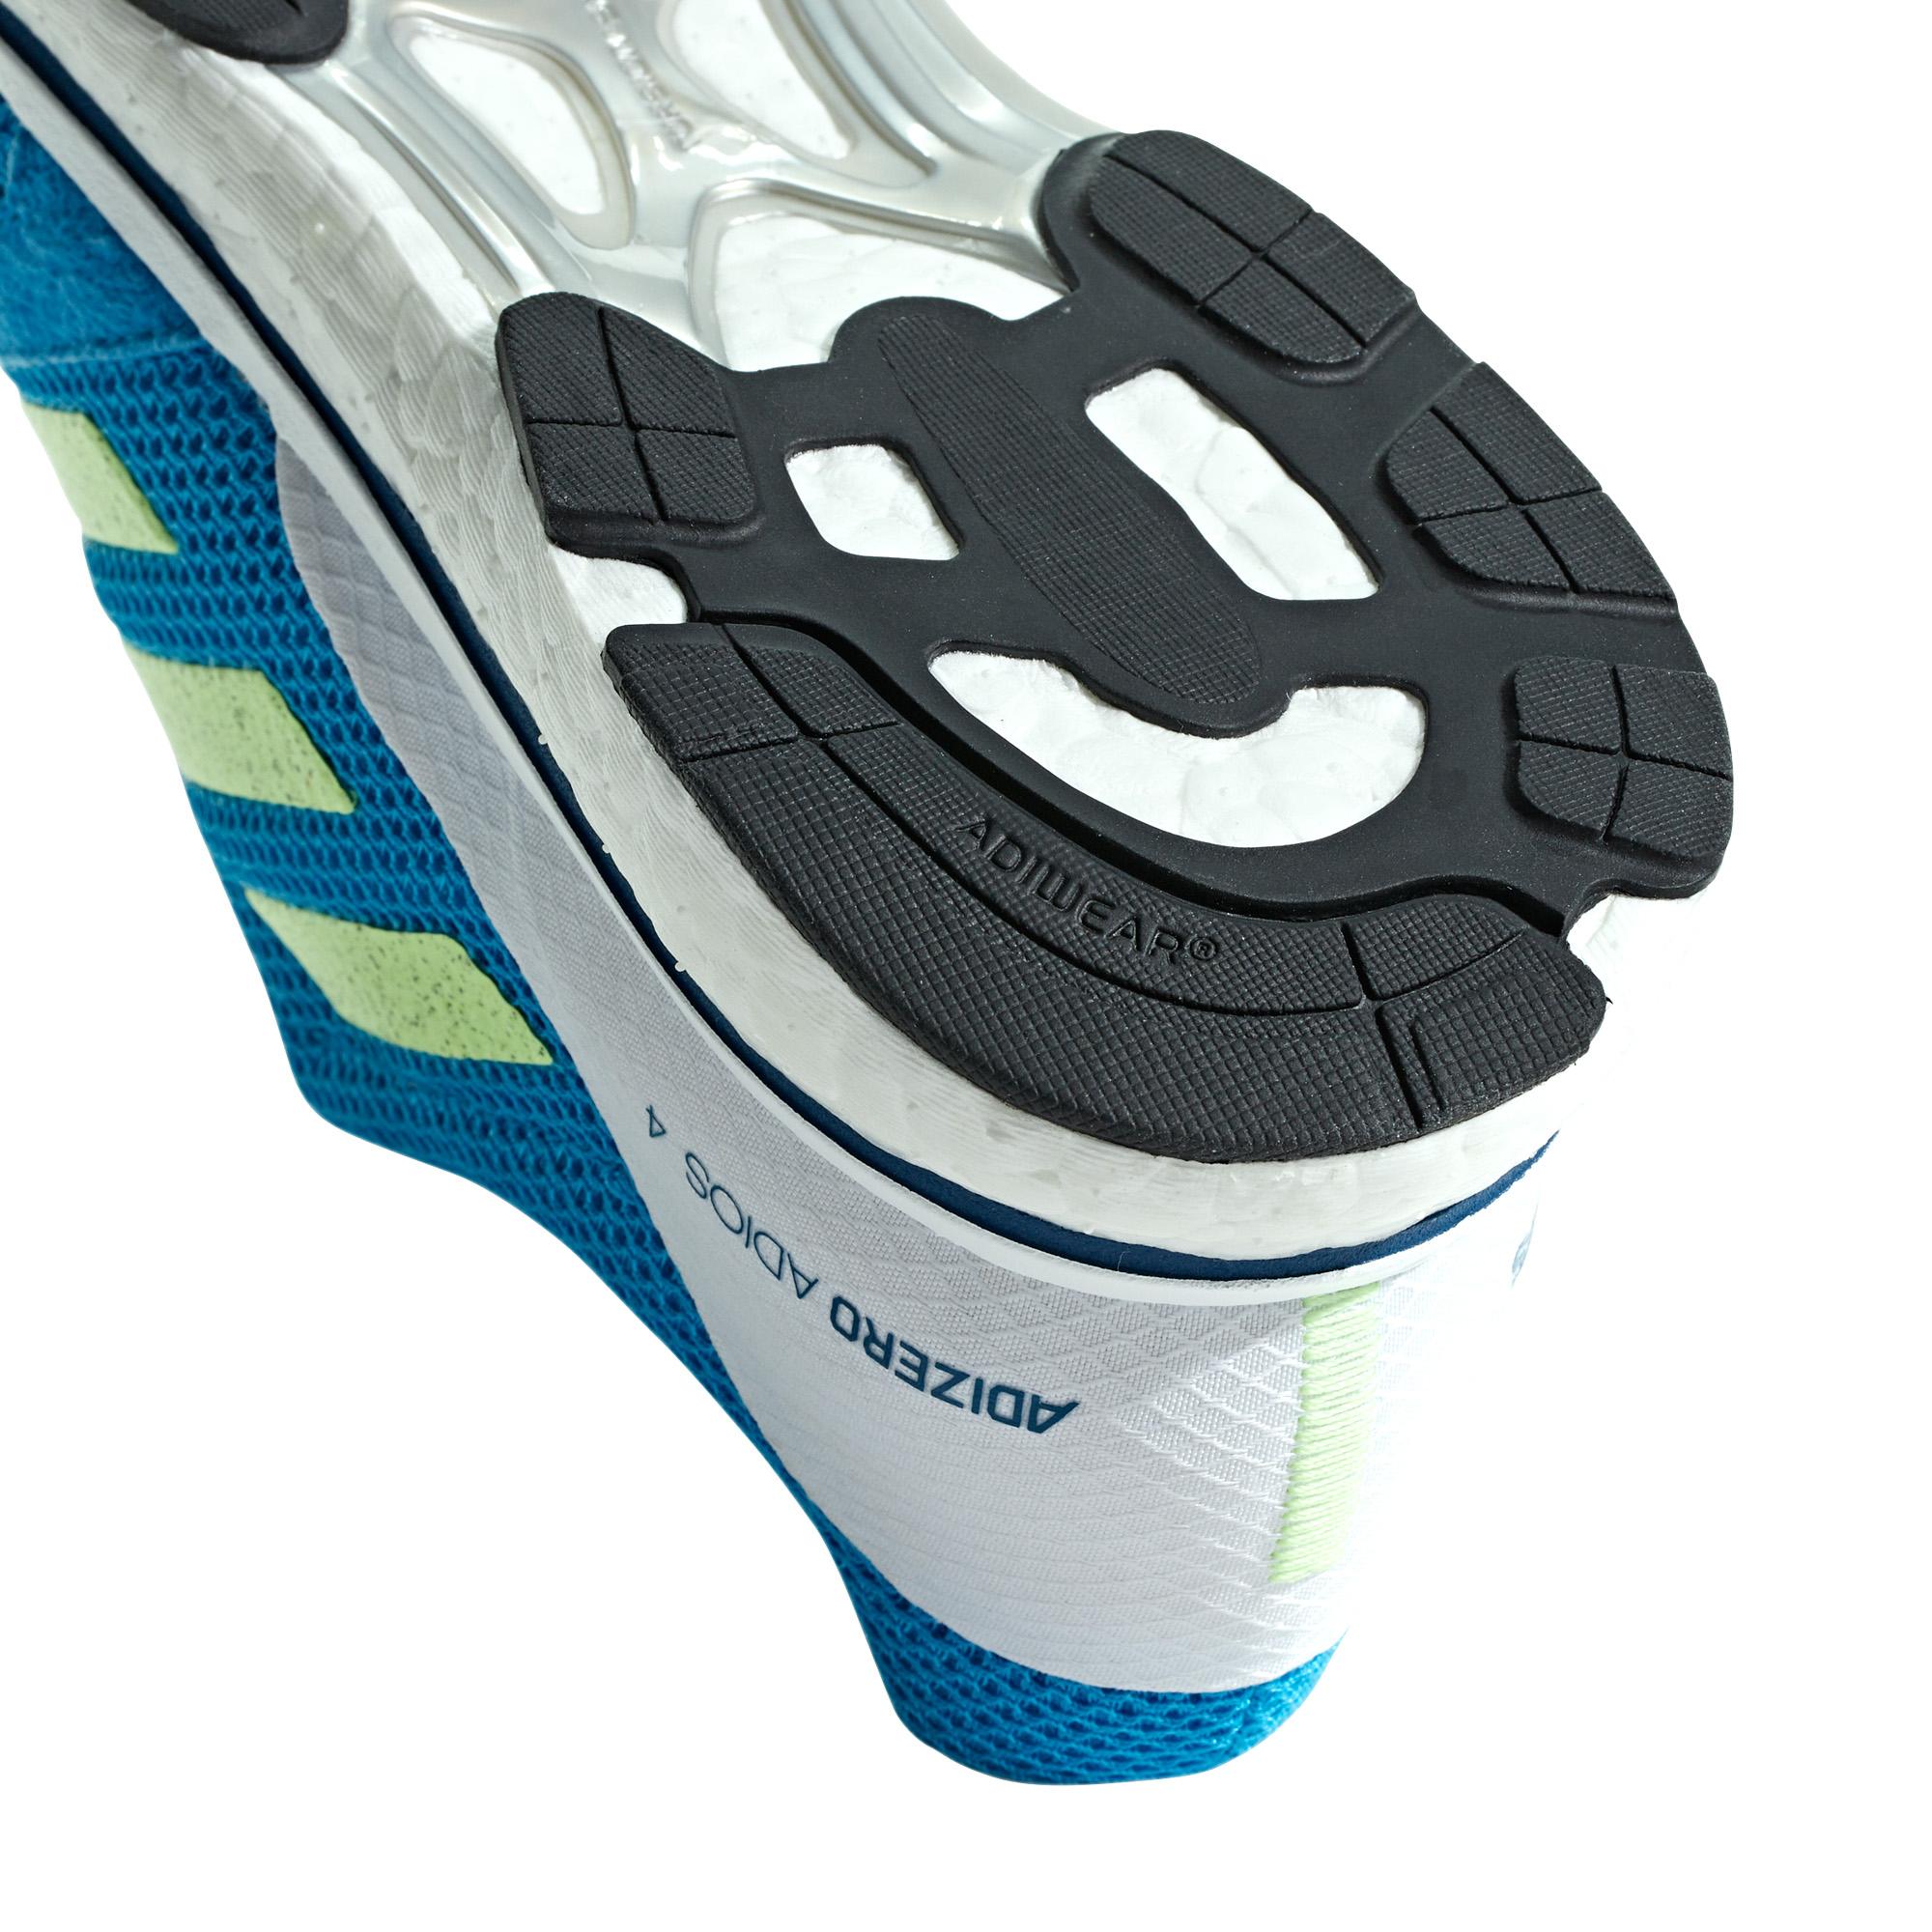 adidas adizero adios adios adios 4 uomini a scarpa blu fitness trainer. | Molti stili  | Materiali Selezionati Con Cura  | Moda moderna ed elegante  | Maschio/Ragazze Scarpa  | Sig/Sig Ra Scarpa  | Gentiluomo/Signora Scarpa  2705c3